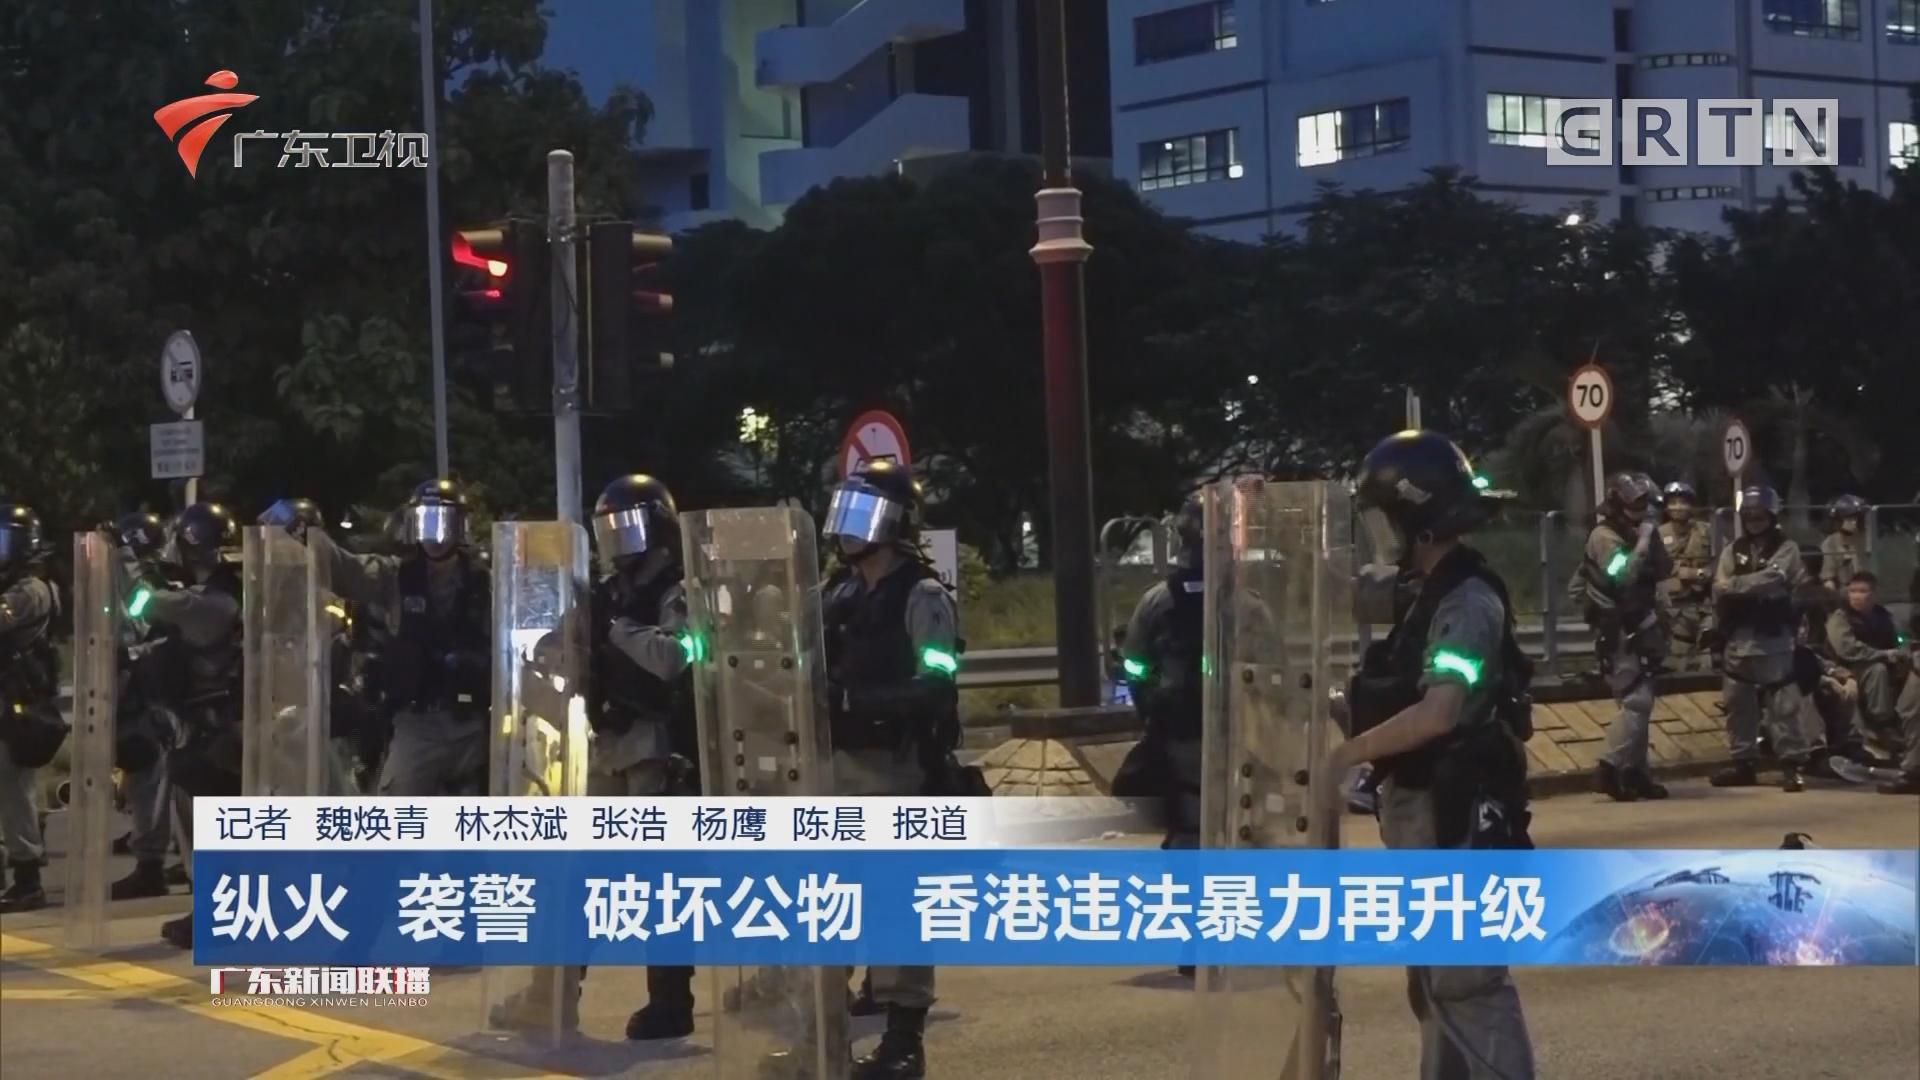 纵火 袭警 破坏公物 香港违法暴力再升级